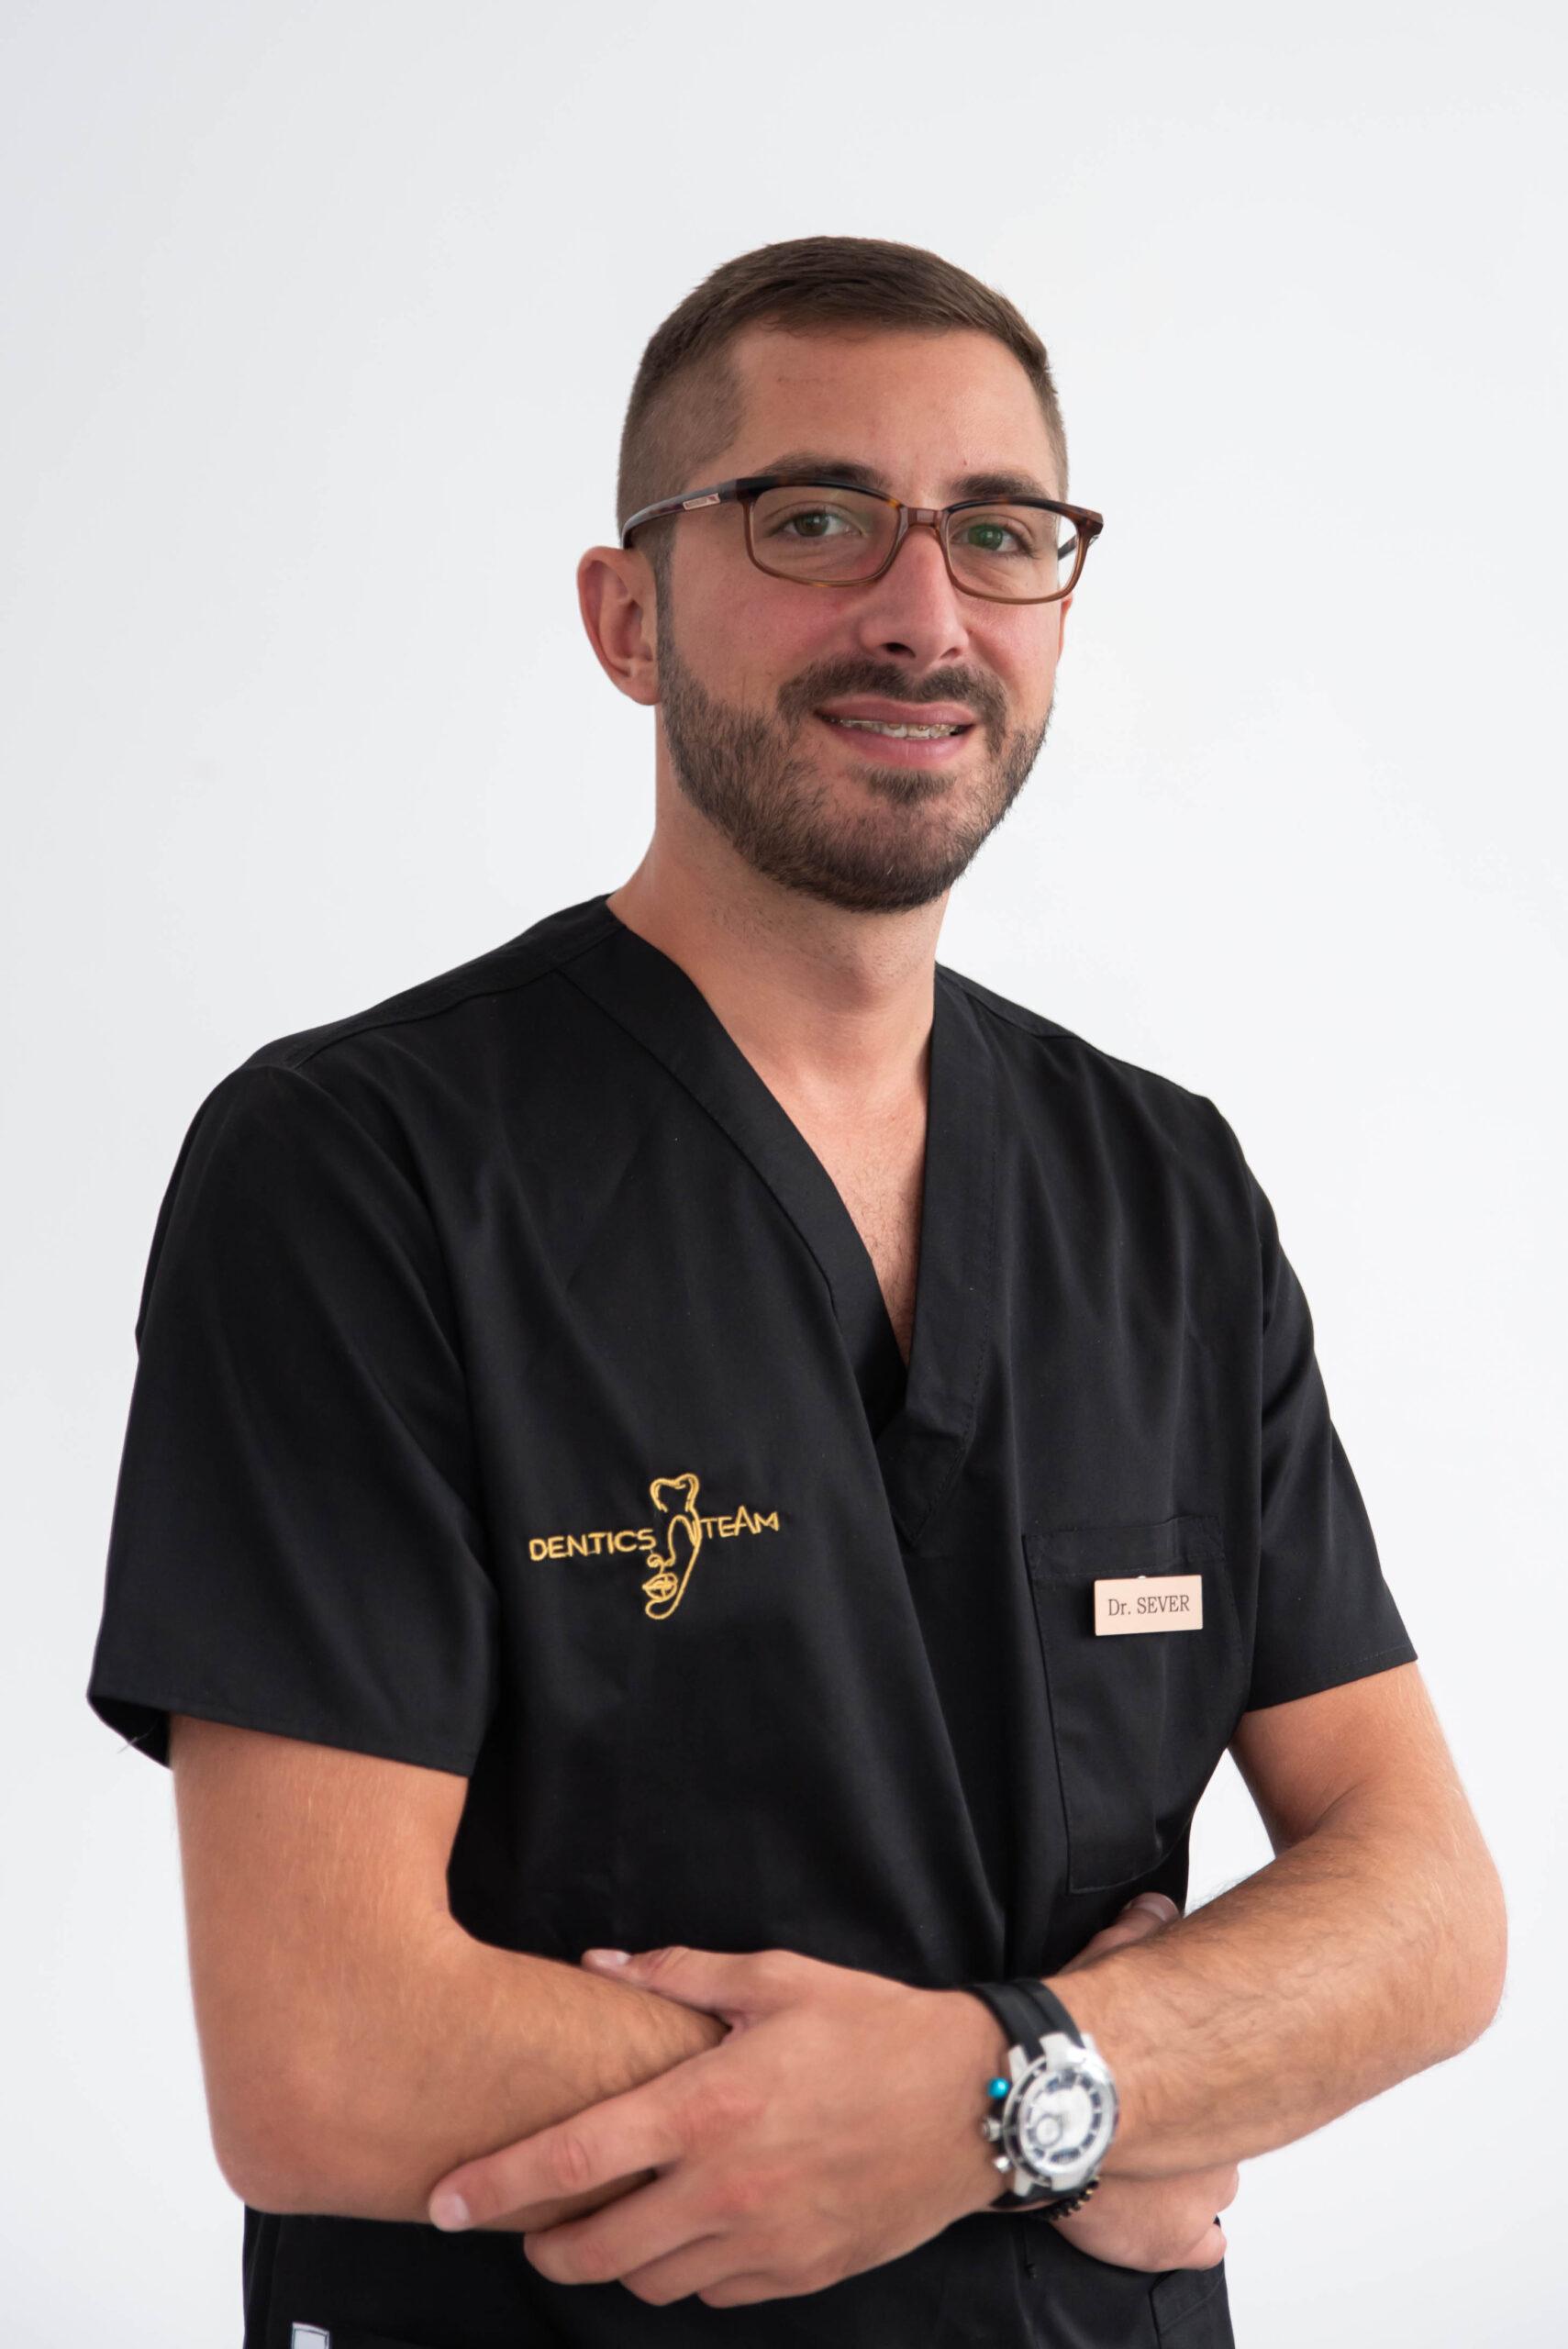 Dr. Sever MUREA